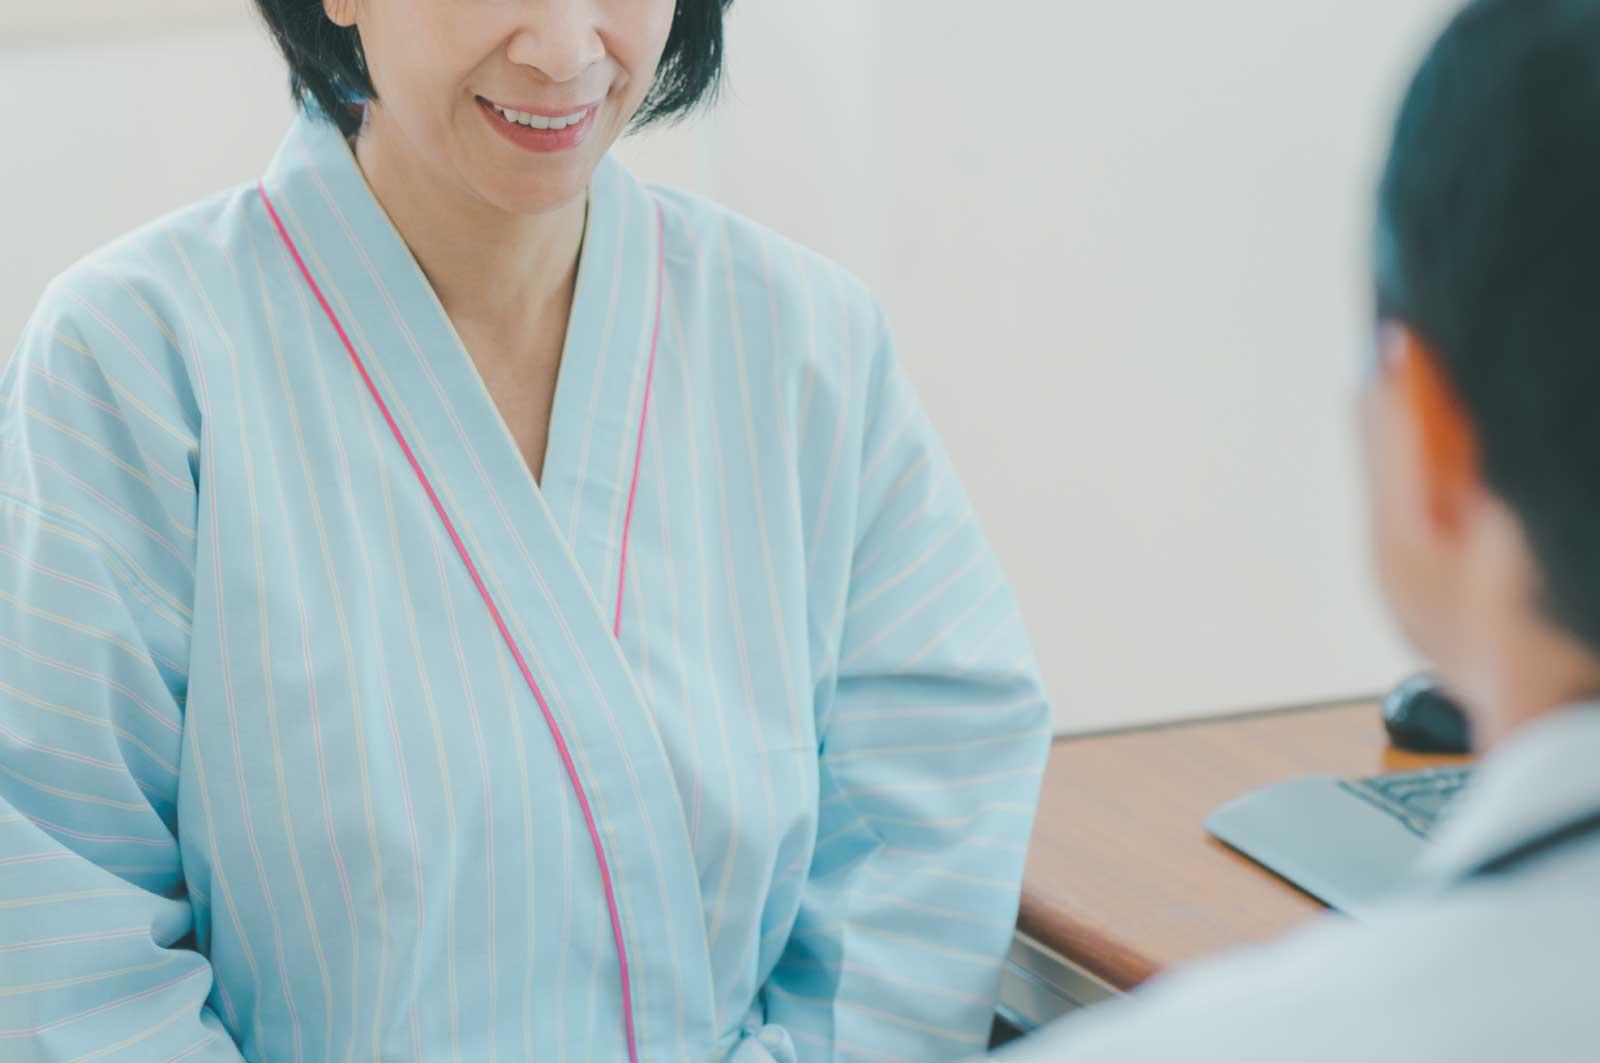 ミドル女性の健康診断